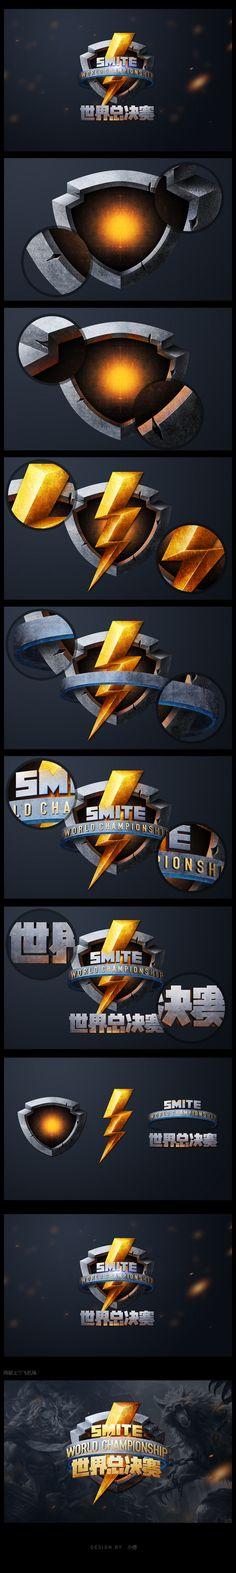 """Veja imagem """"Smite World Finals logo"""" ..."""